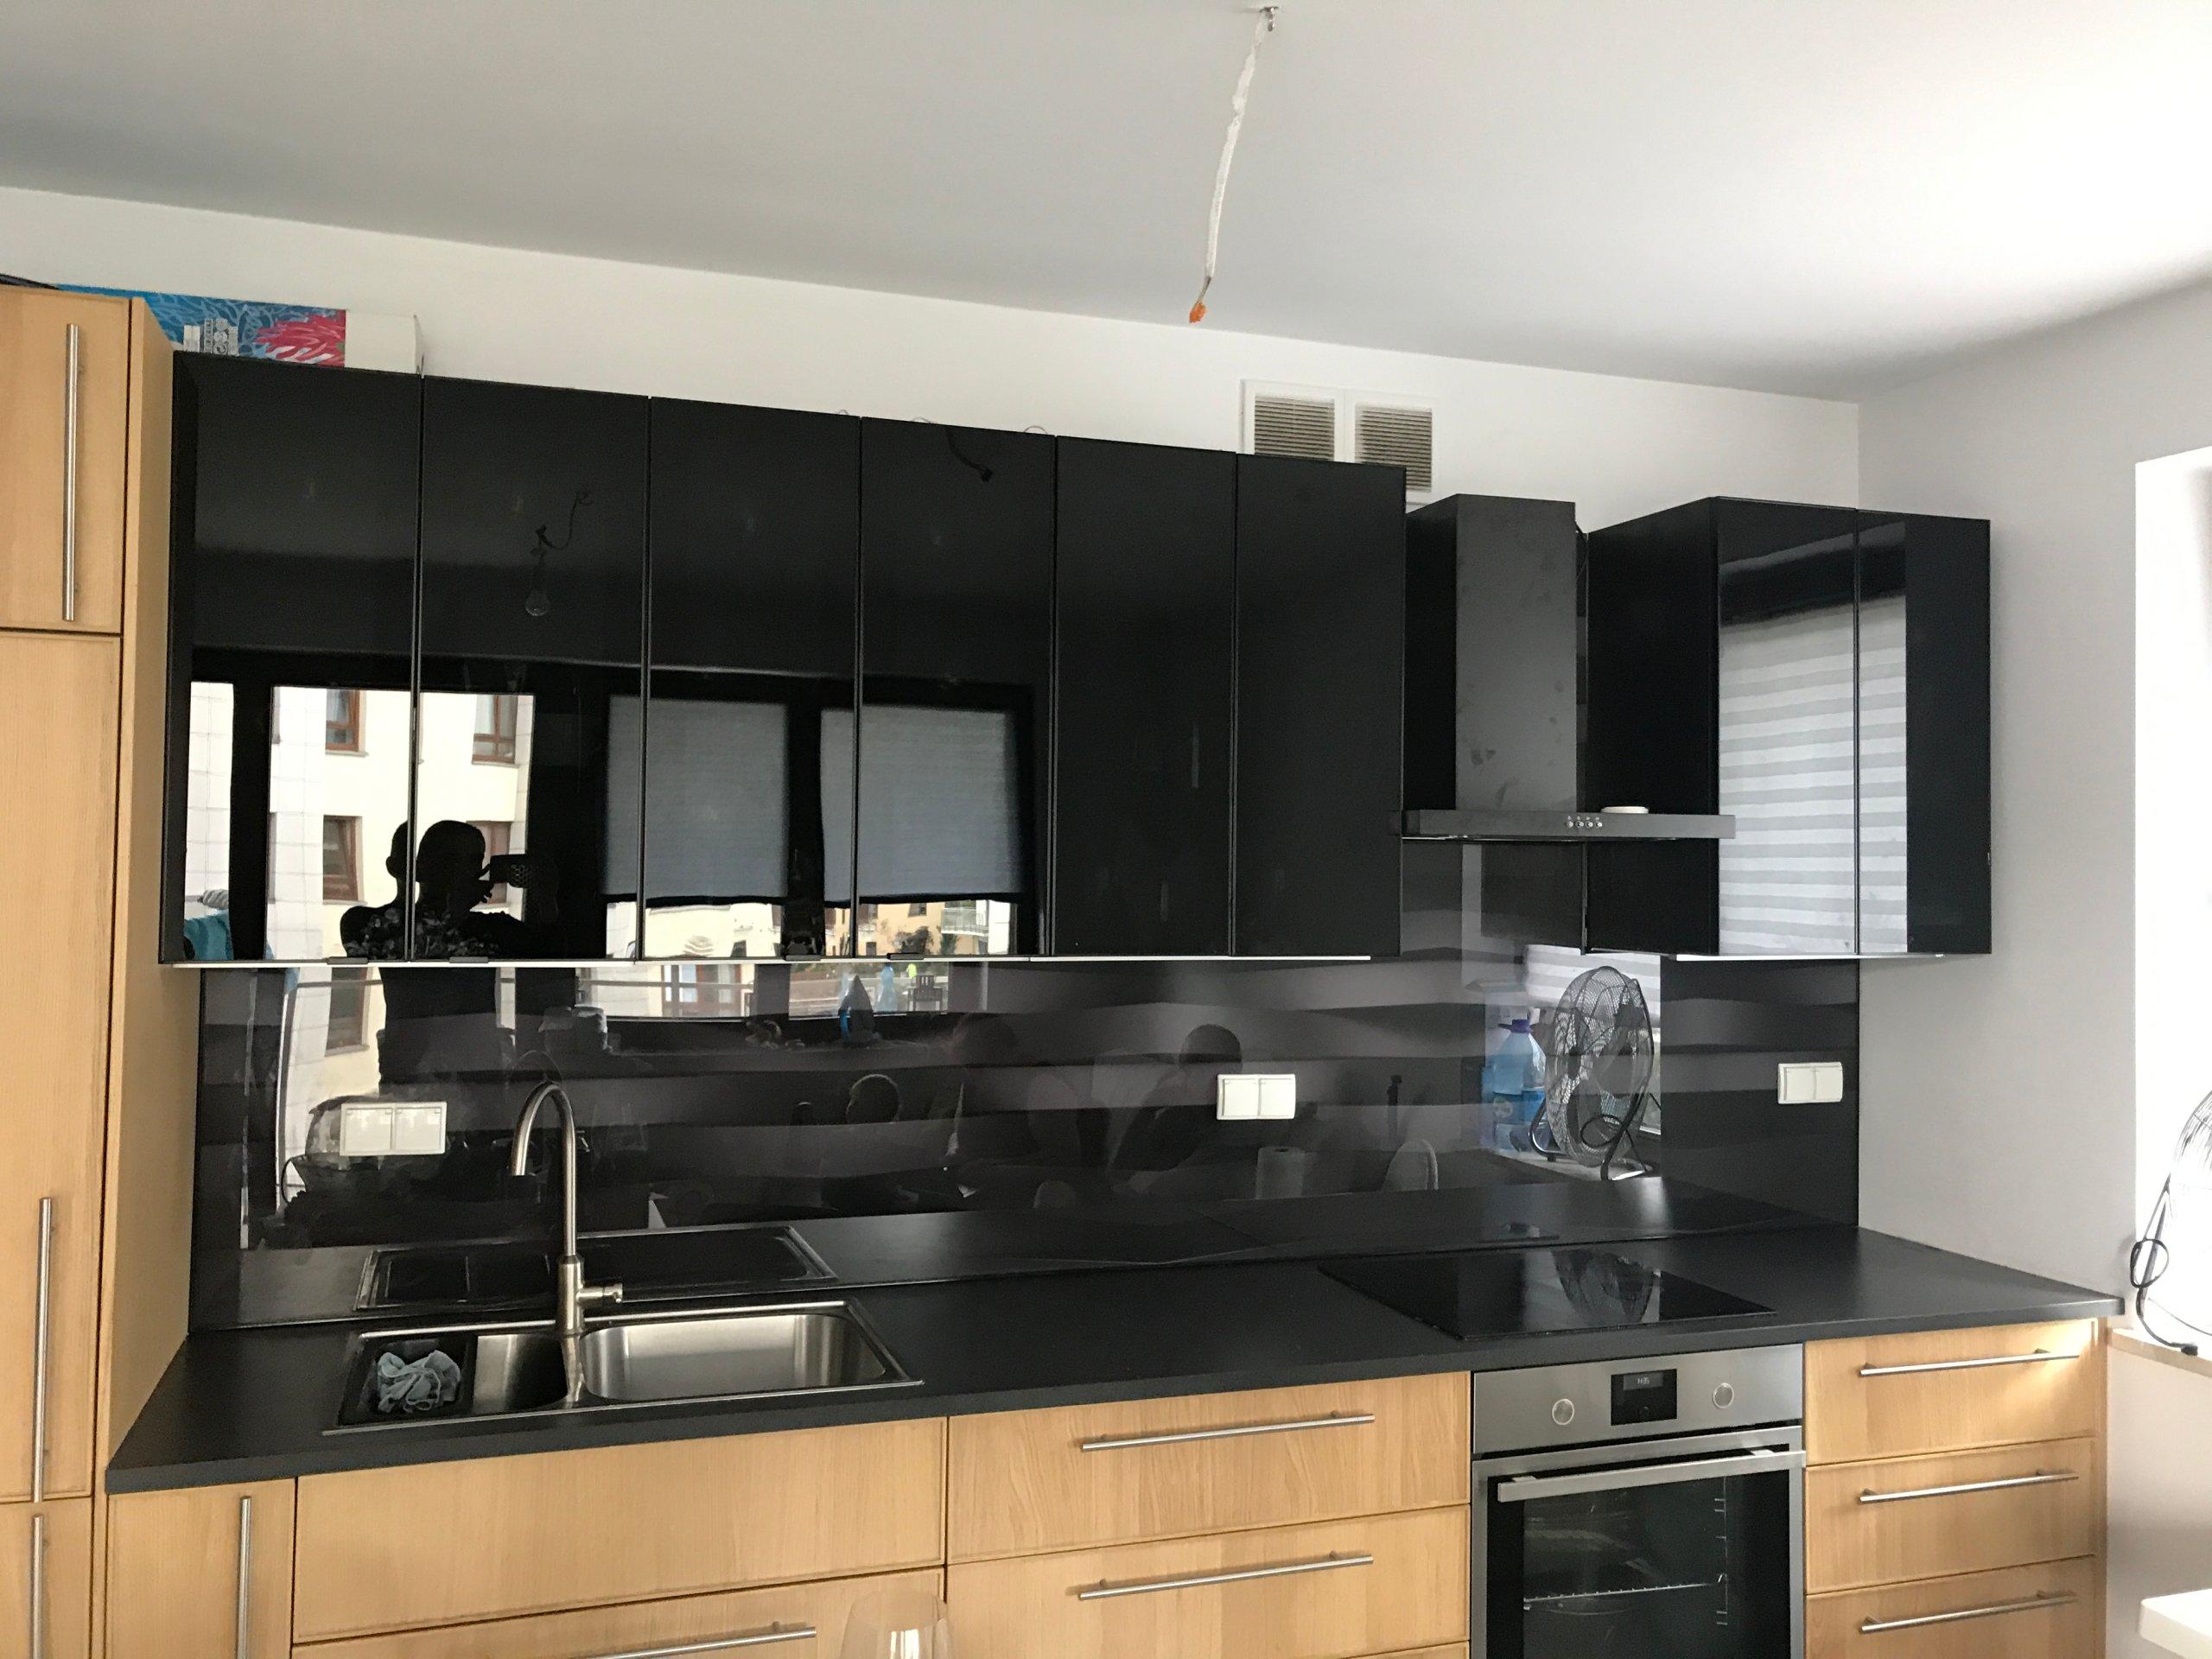 Poważnie Panele szklane do kuchni/grafika do kuchnia W-wa - 7189099761 MY37